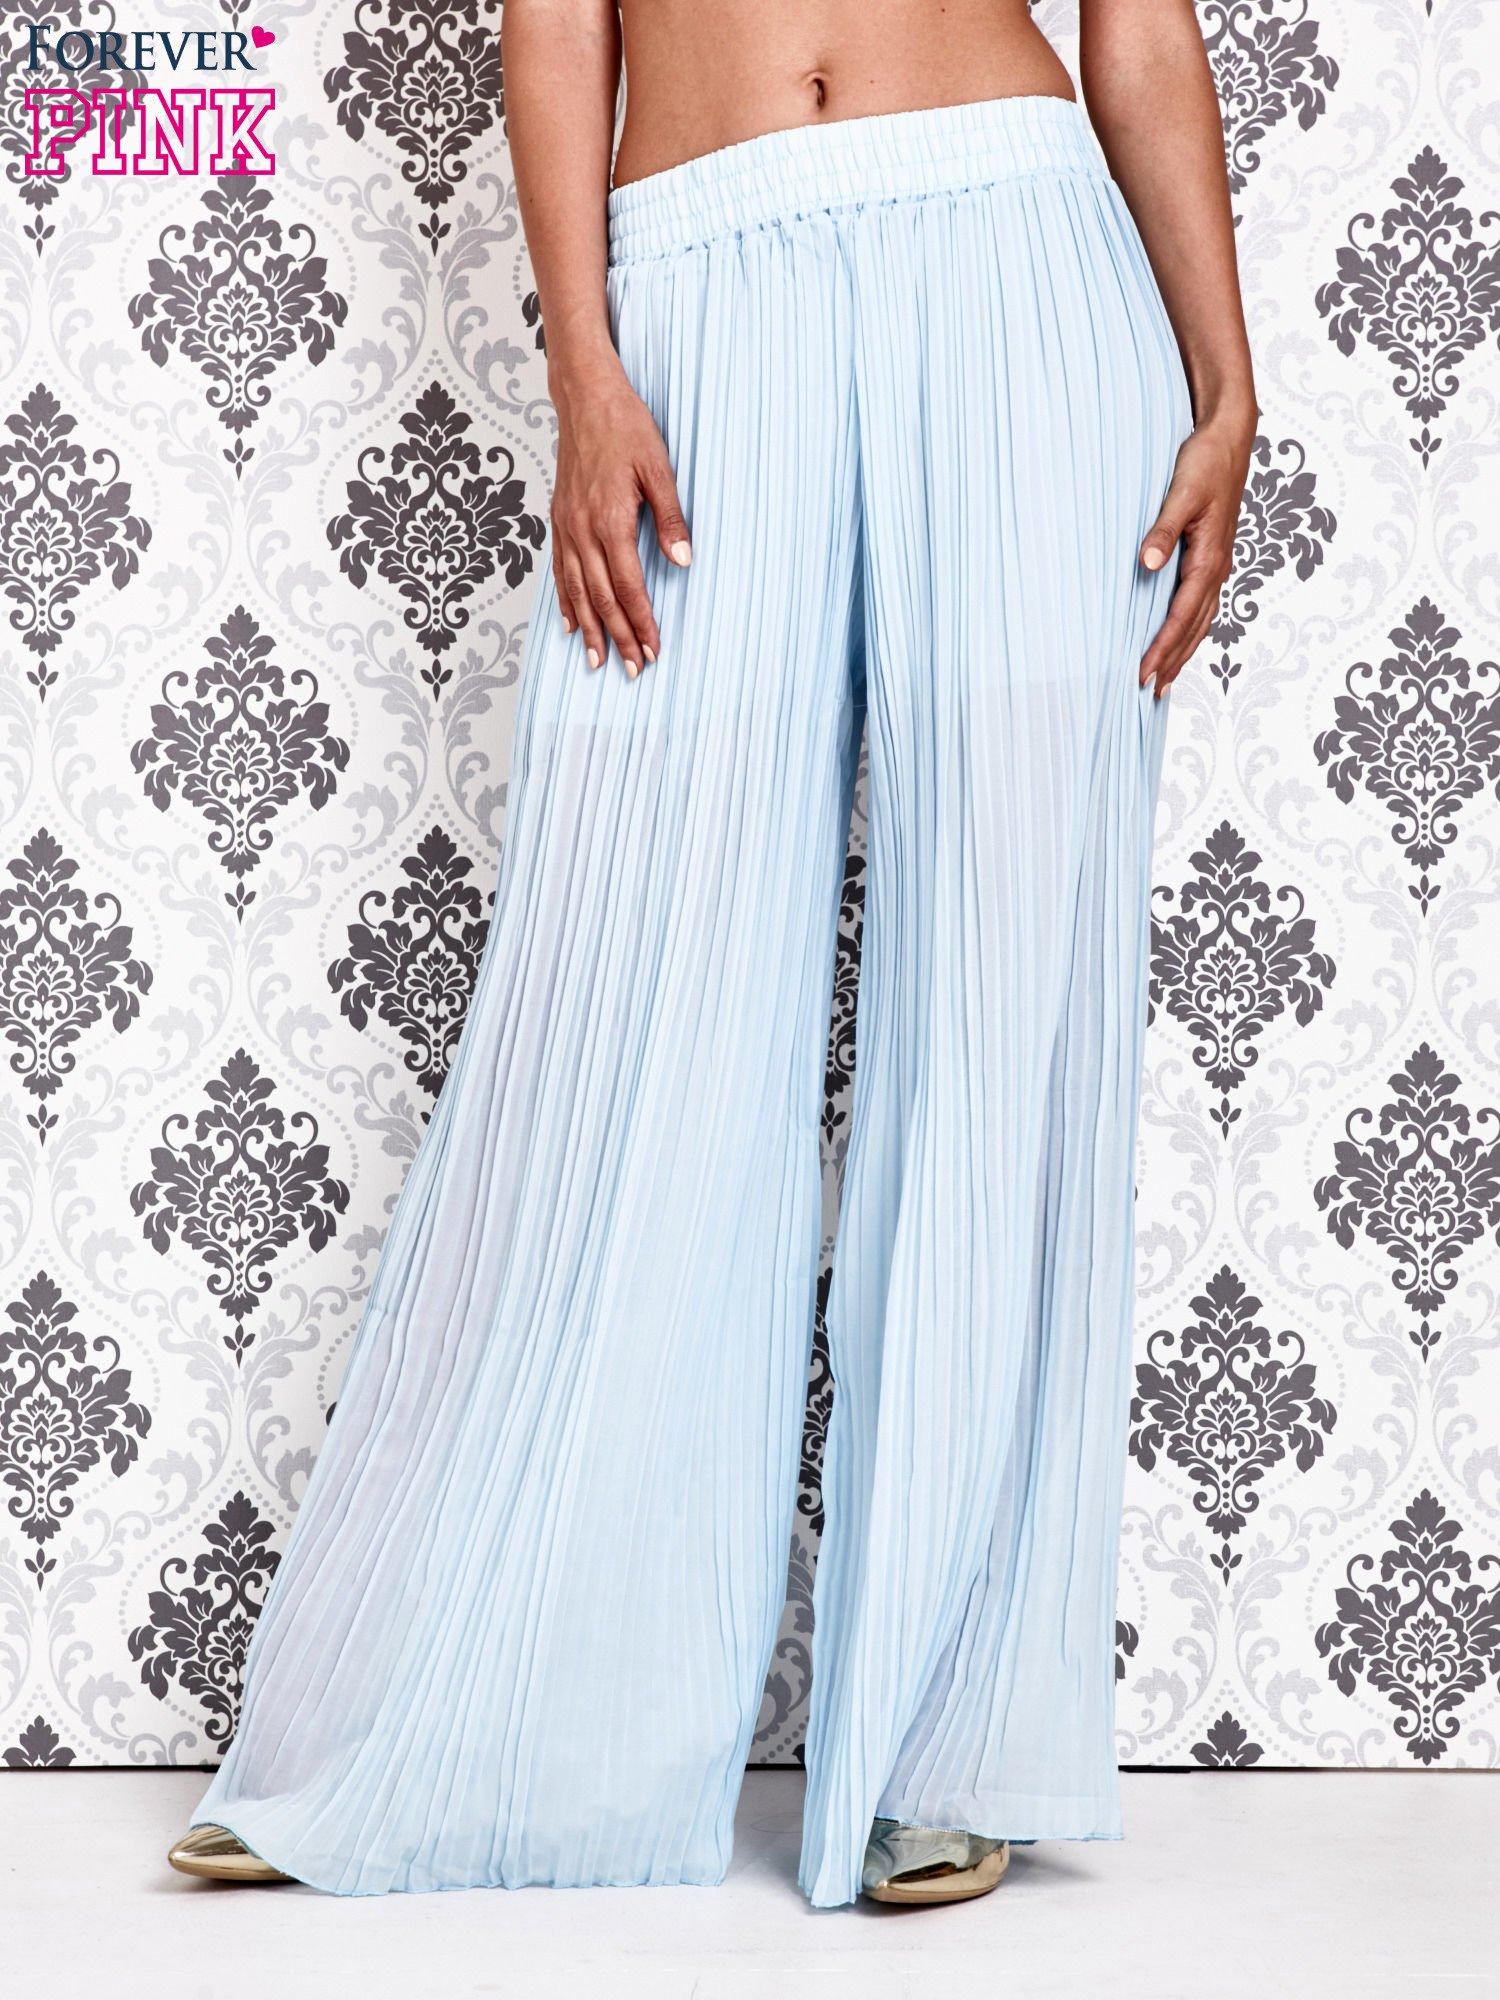 Niebieskie plisowane spodnie palazzo                                   zdj.                                  1